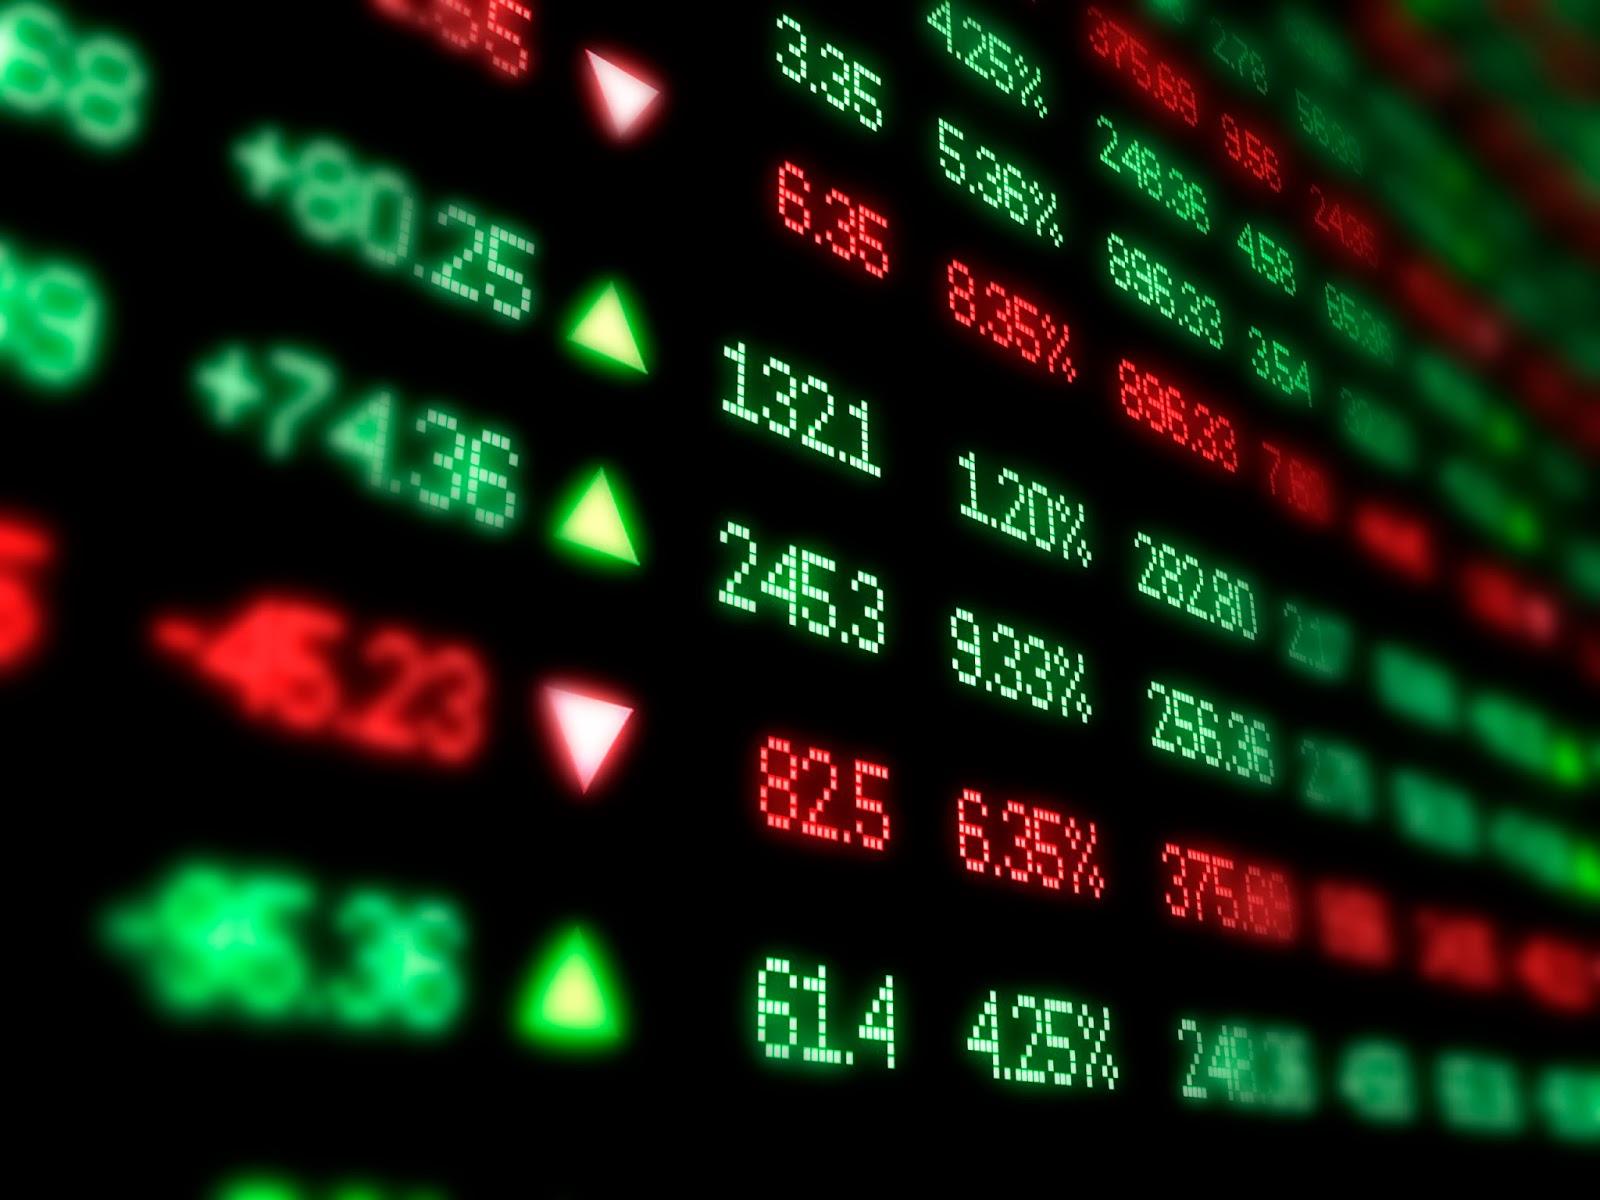 Nhóm cổ phiếu blue-chip tạo hậu thuẫn kéo chứng khoán xanh trở lại